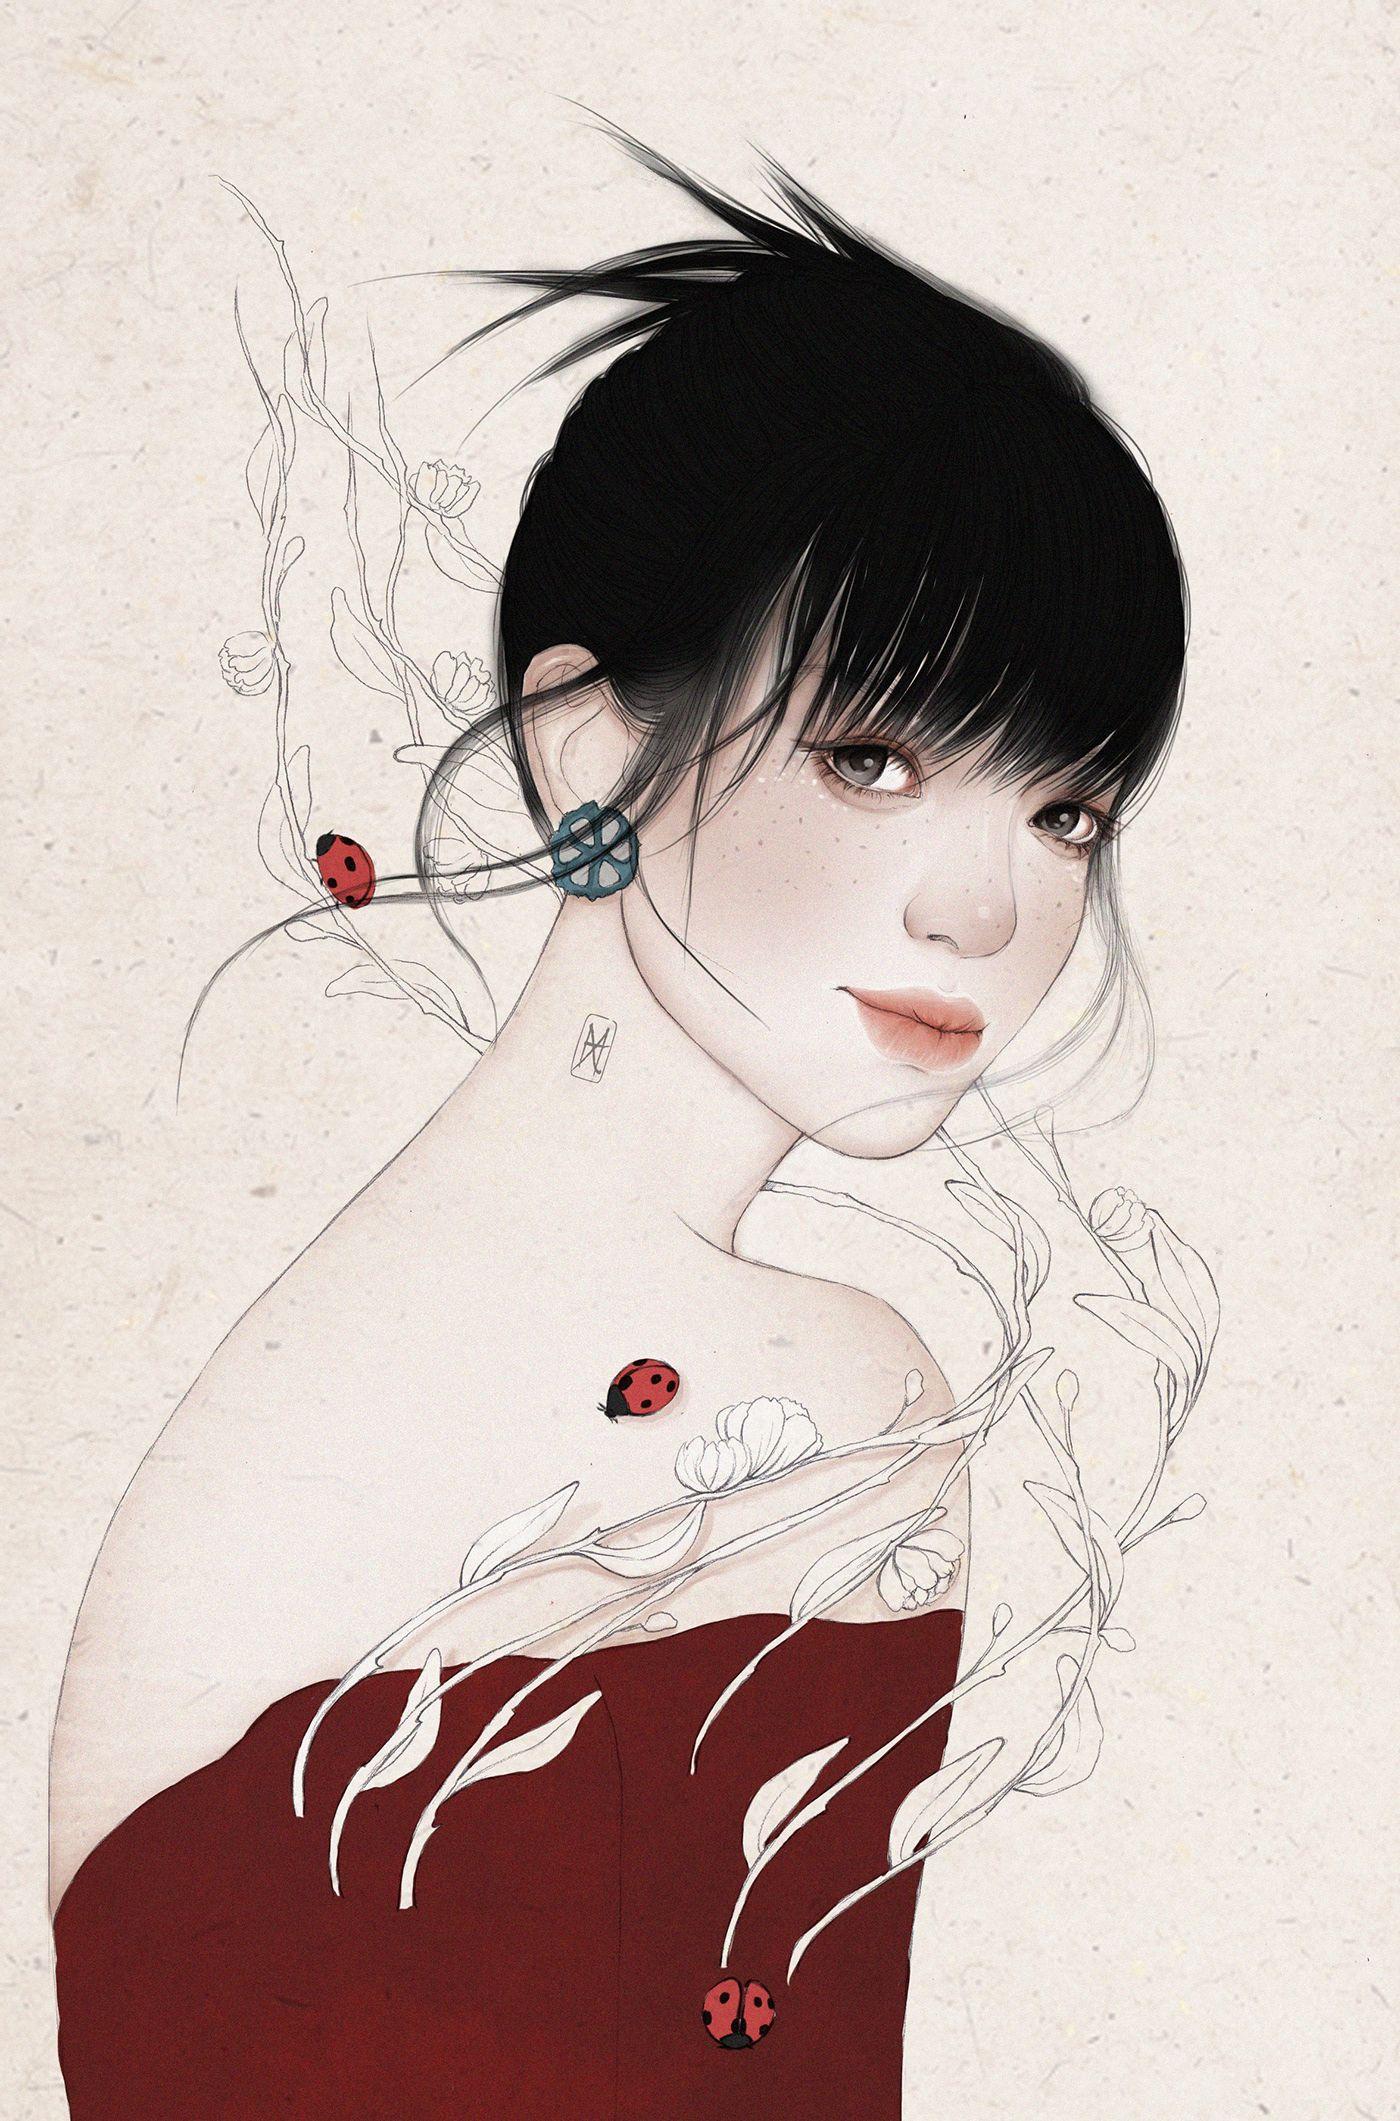 济南插画师helen Xu 作品欣赏 Helen Xu 是来自中国济南的自由插画家